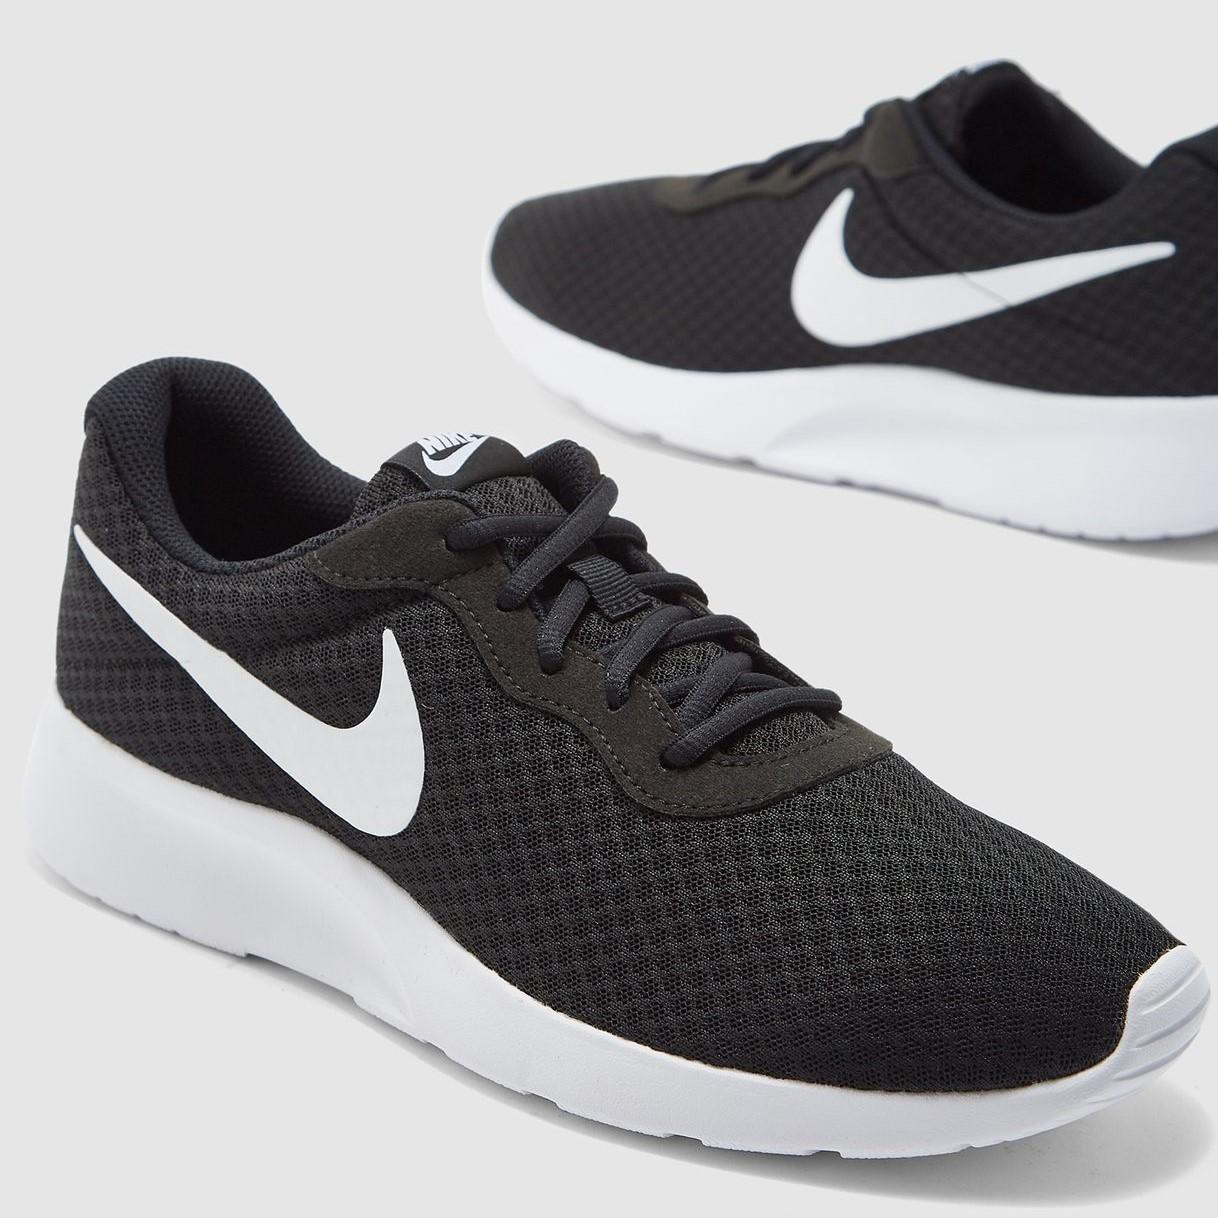 scarpe nike ragazzo tanjun